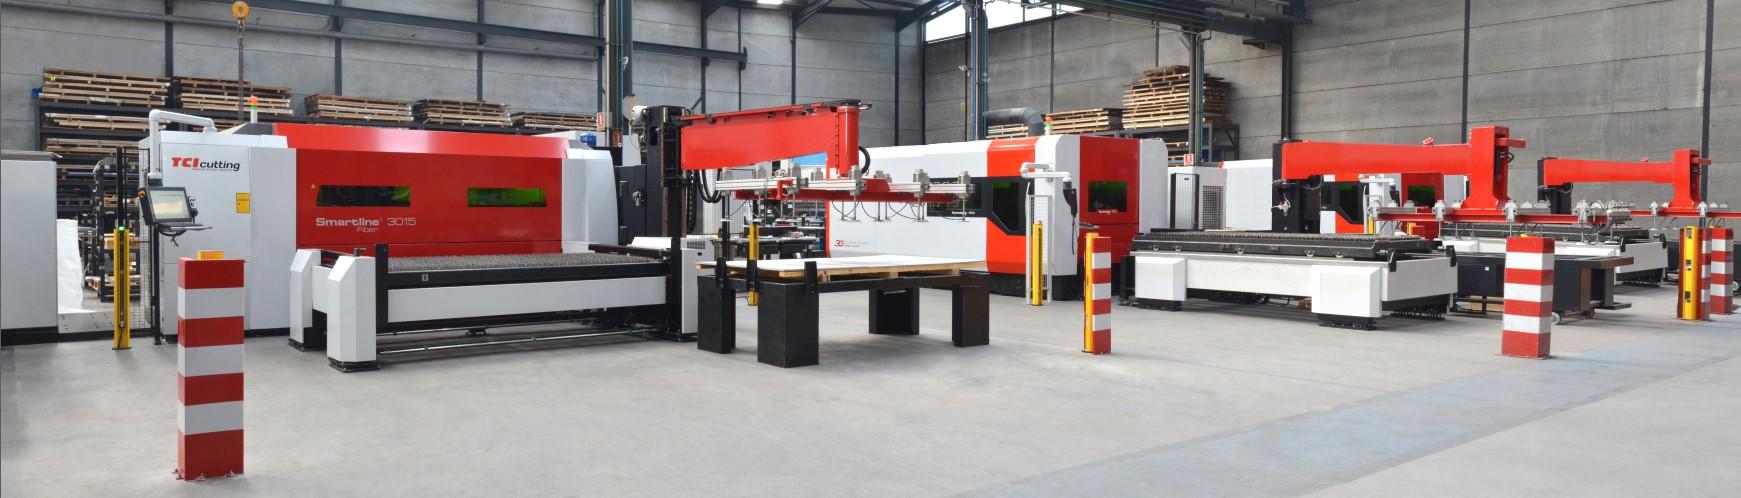 maquinas de corte laser fibra combinadas sistema de corte industrial